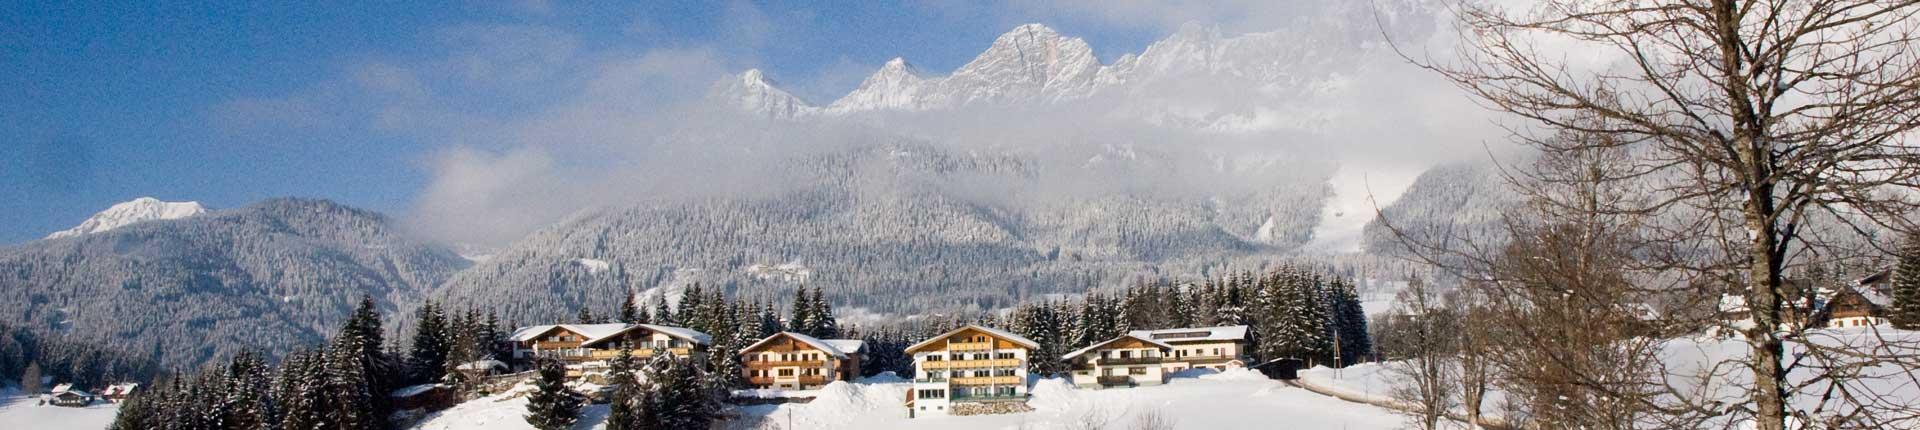 Winteransicht Hotel Ramsauer Alm und Aparthotel Sunrise in Ramsau am Dachstein